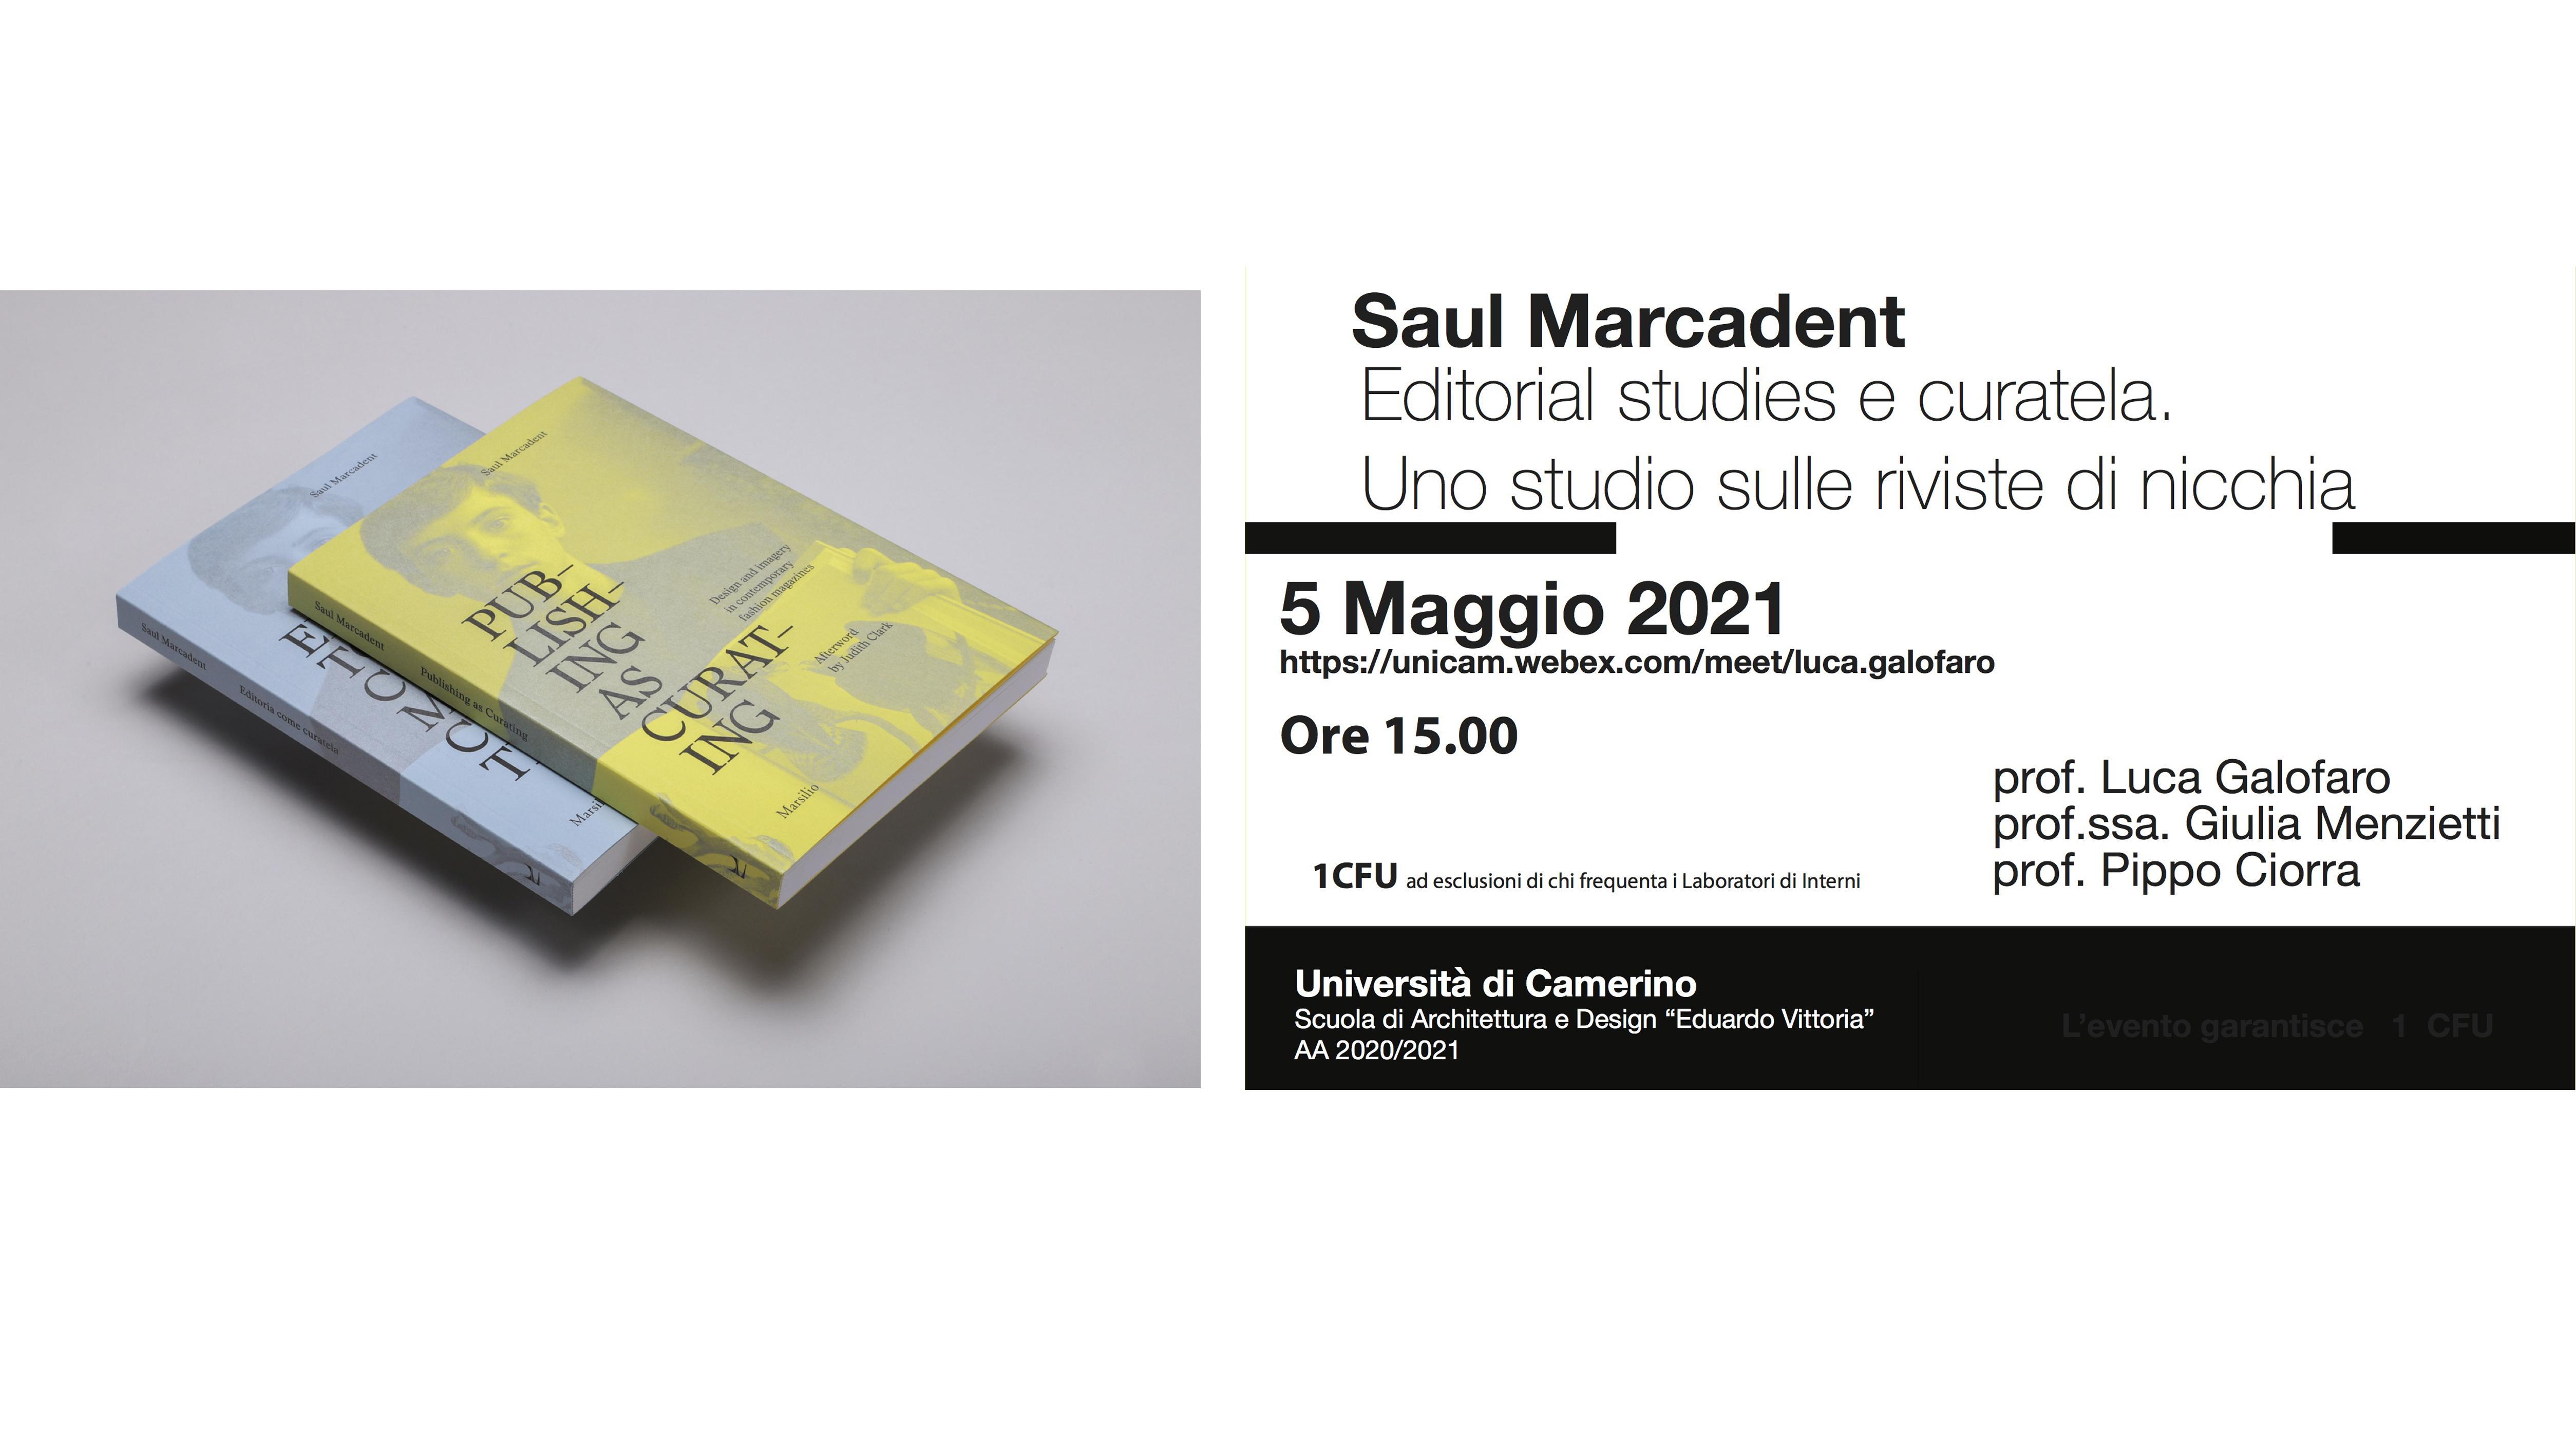 Saul Marcadent Editorial studies e curatela. Uno studio sulle riviste di nicchia